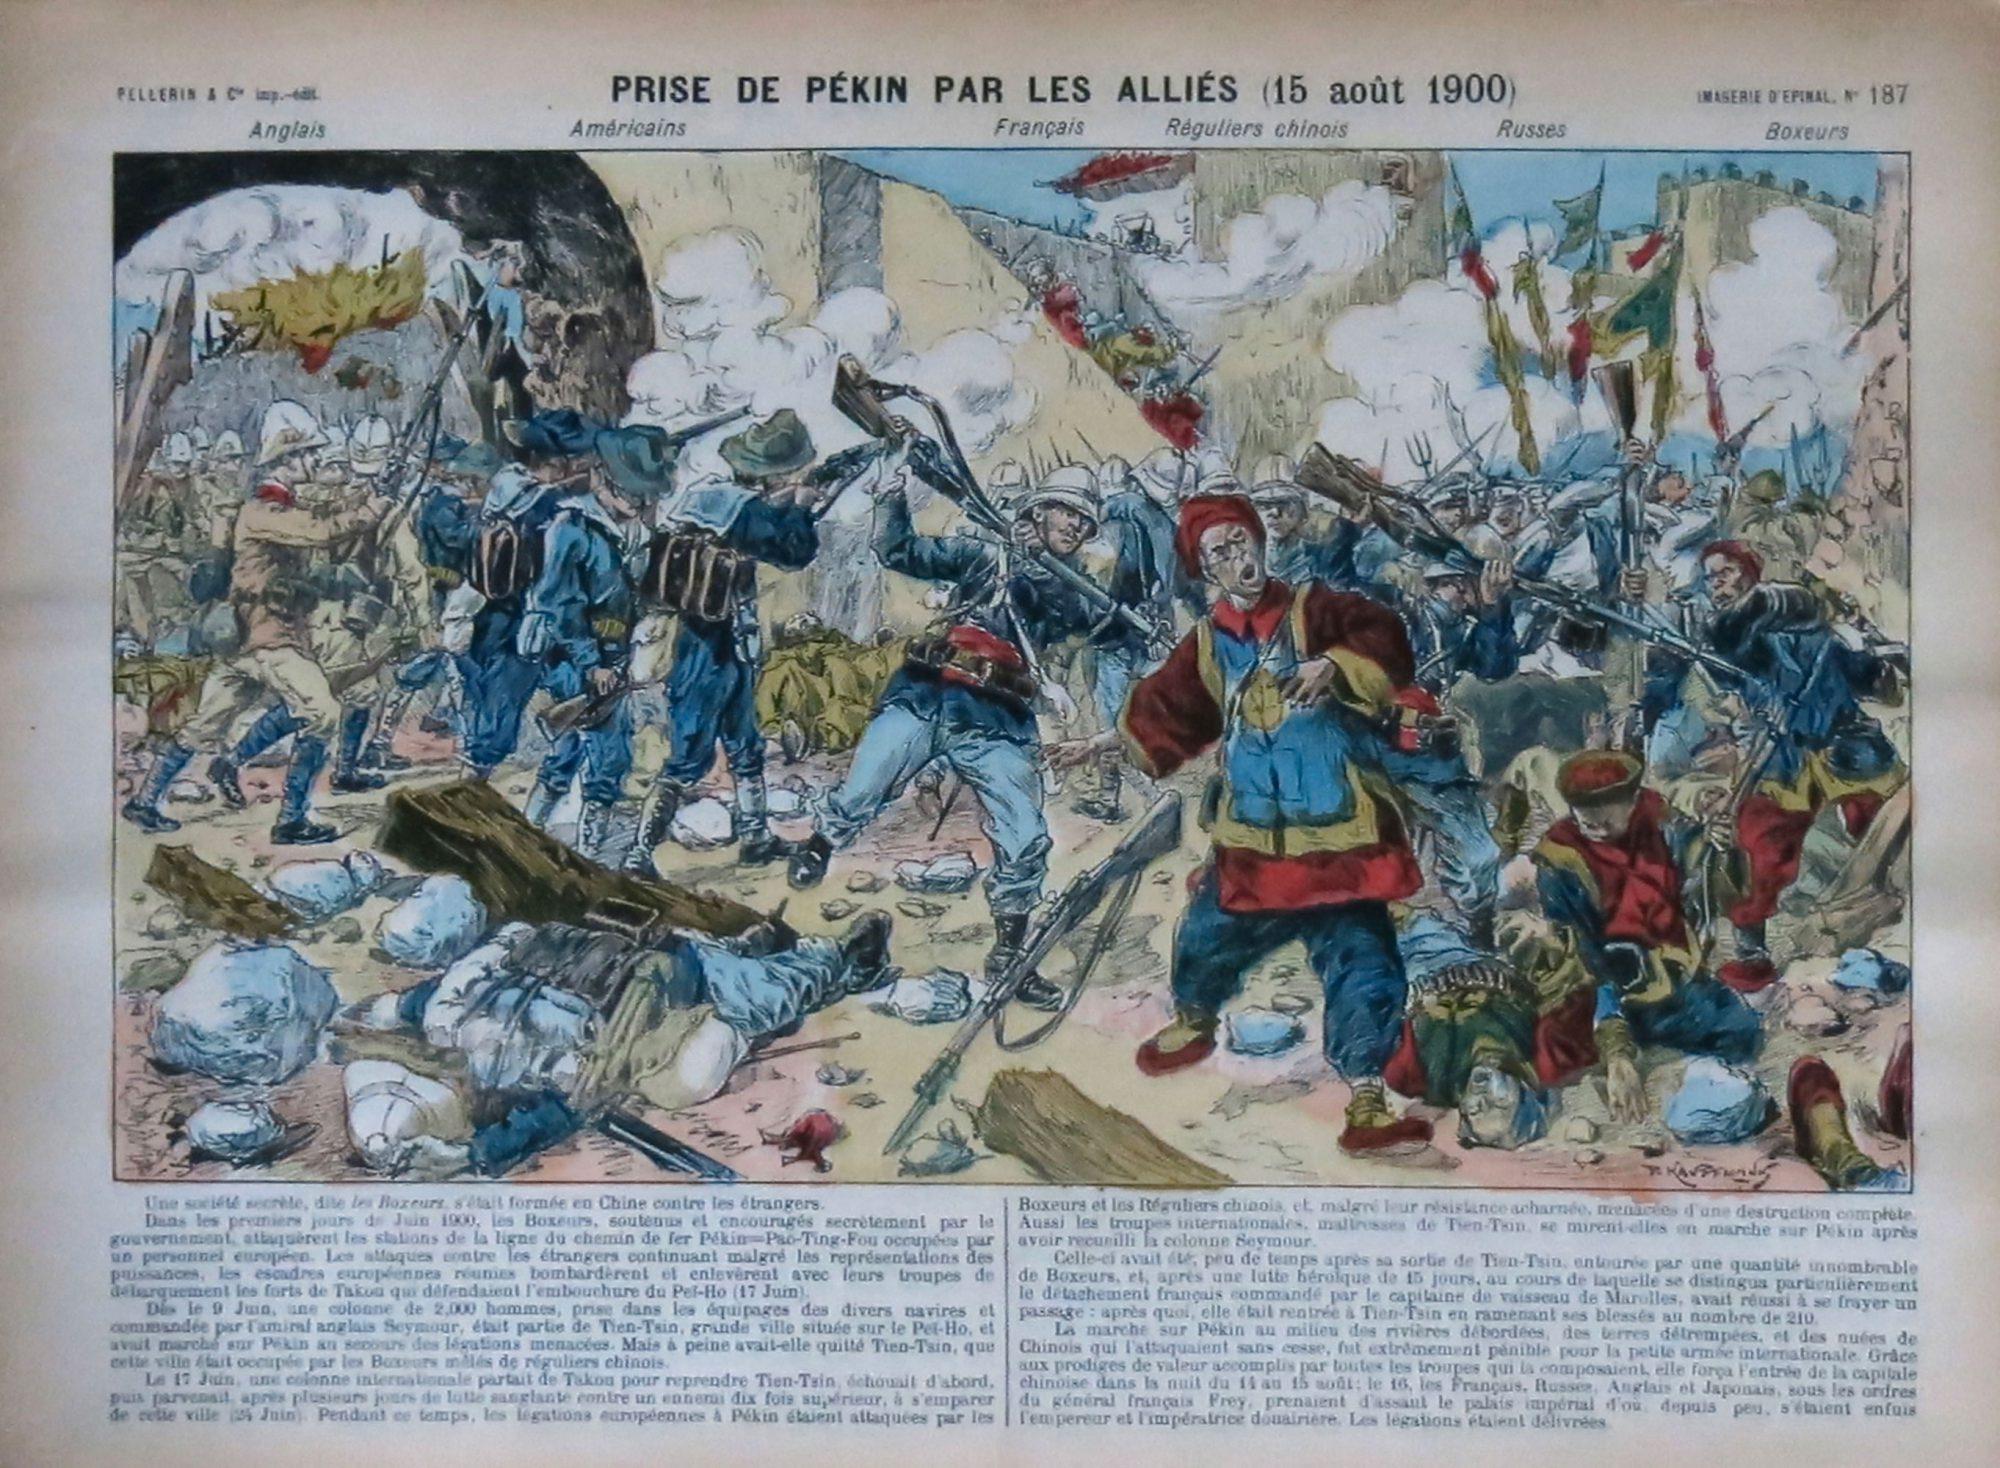 Prise de Pékin par les alliés (15 août 1900)